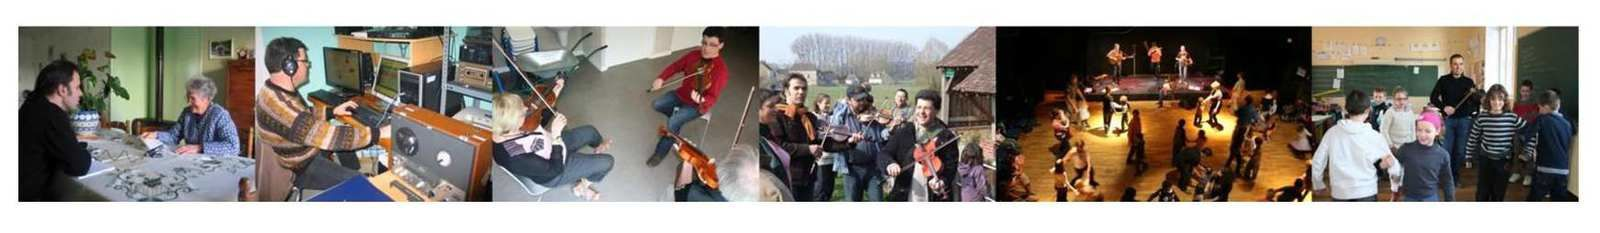 Mettre les chansons traditionnelles au cœur des temps d'accueil périscolaires